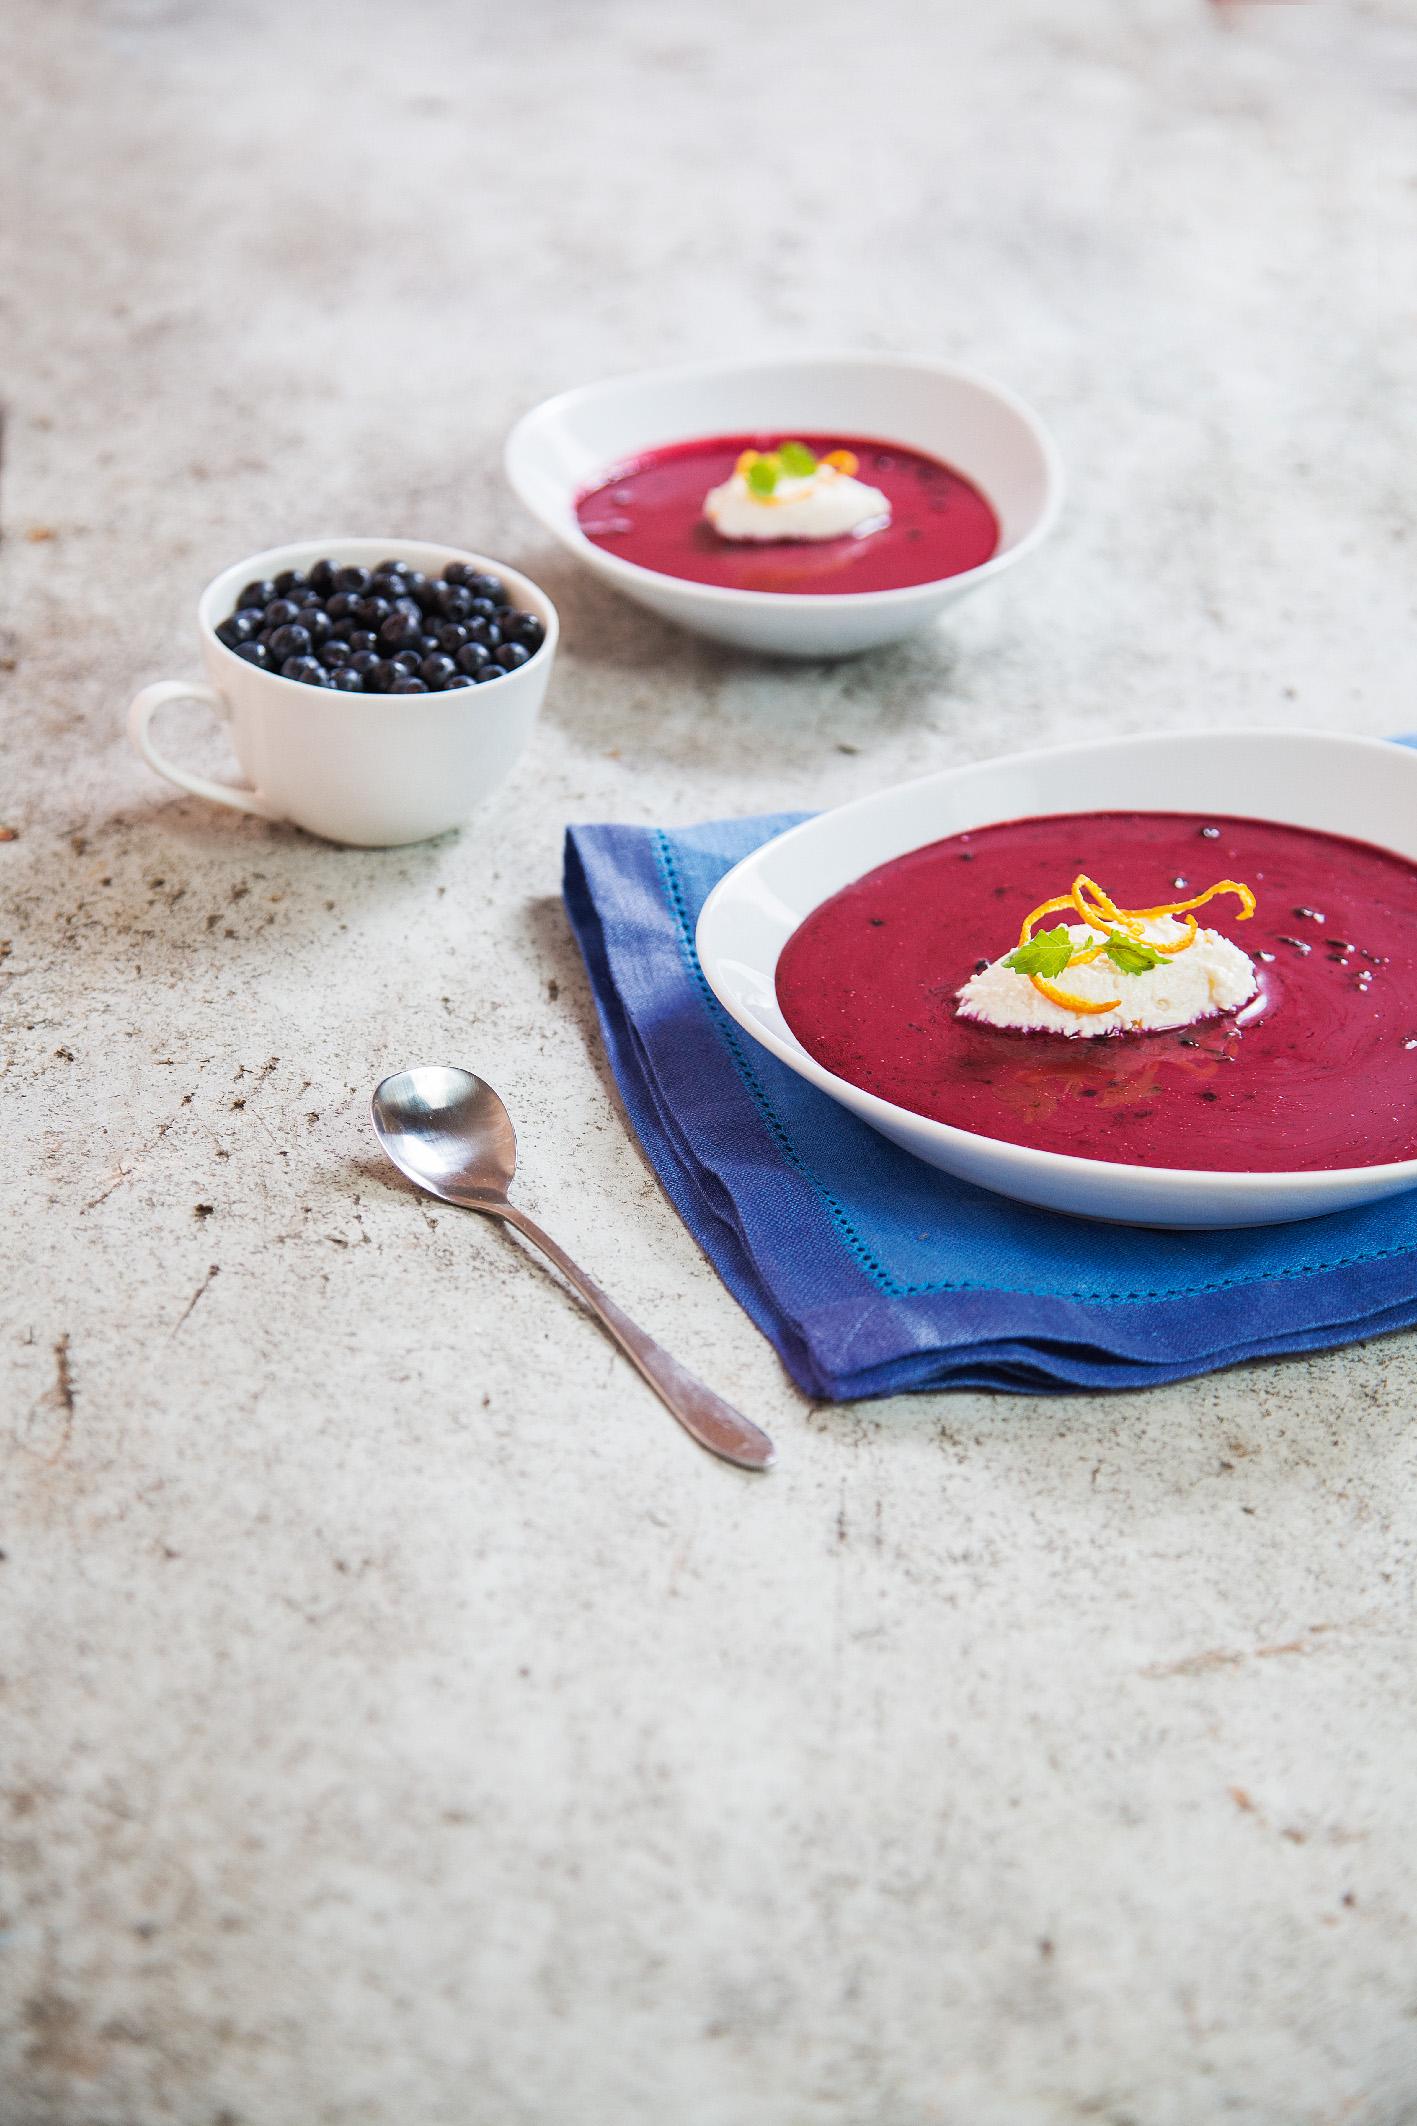 Суп из черники с муссом из творога 1